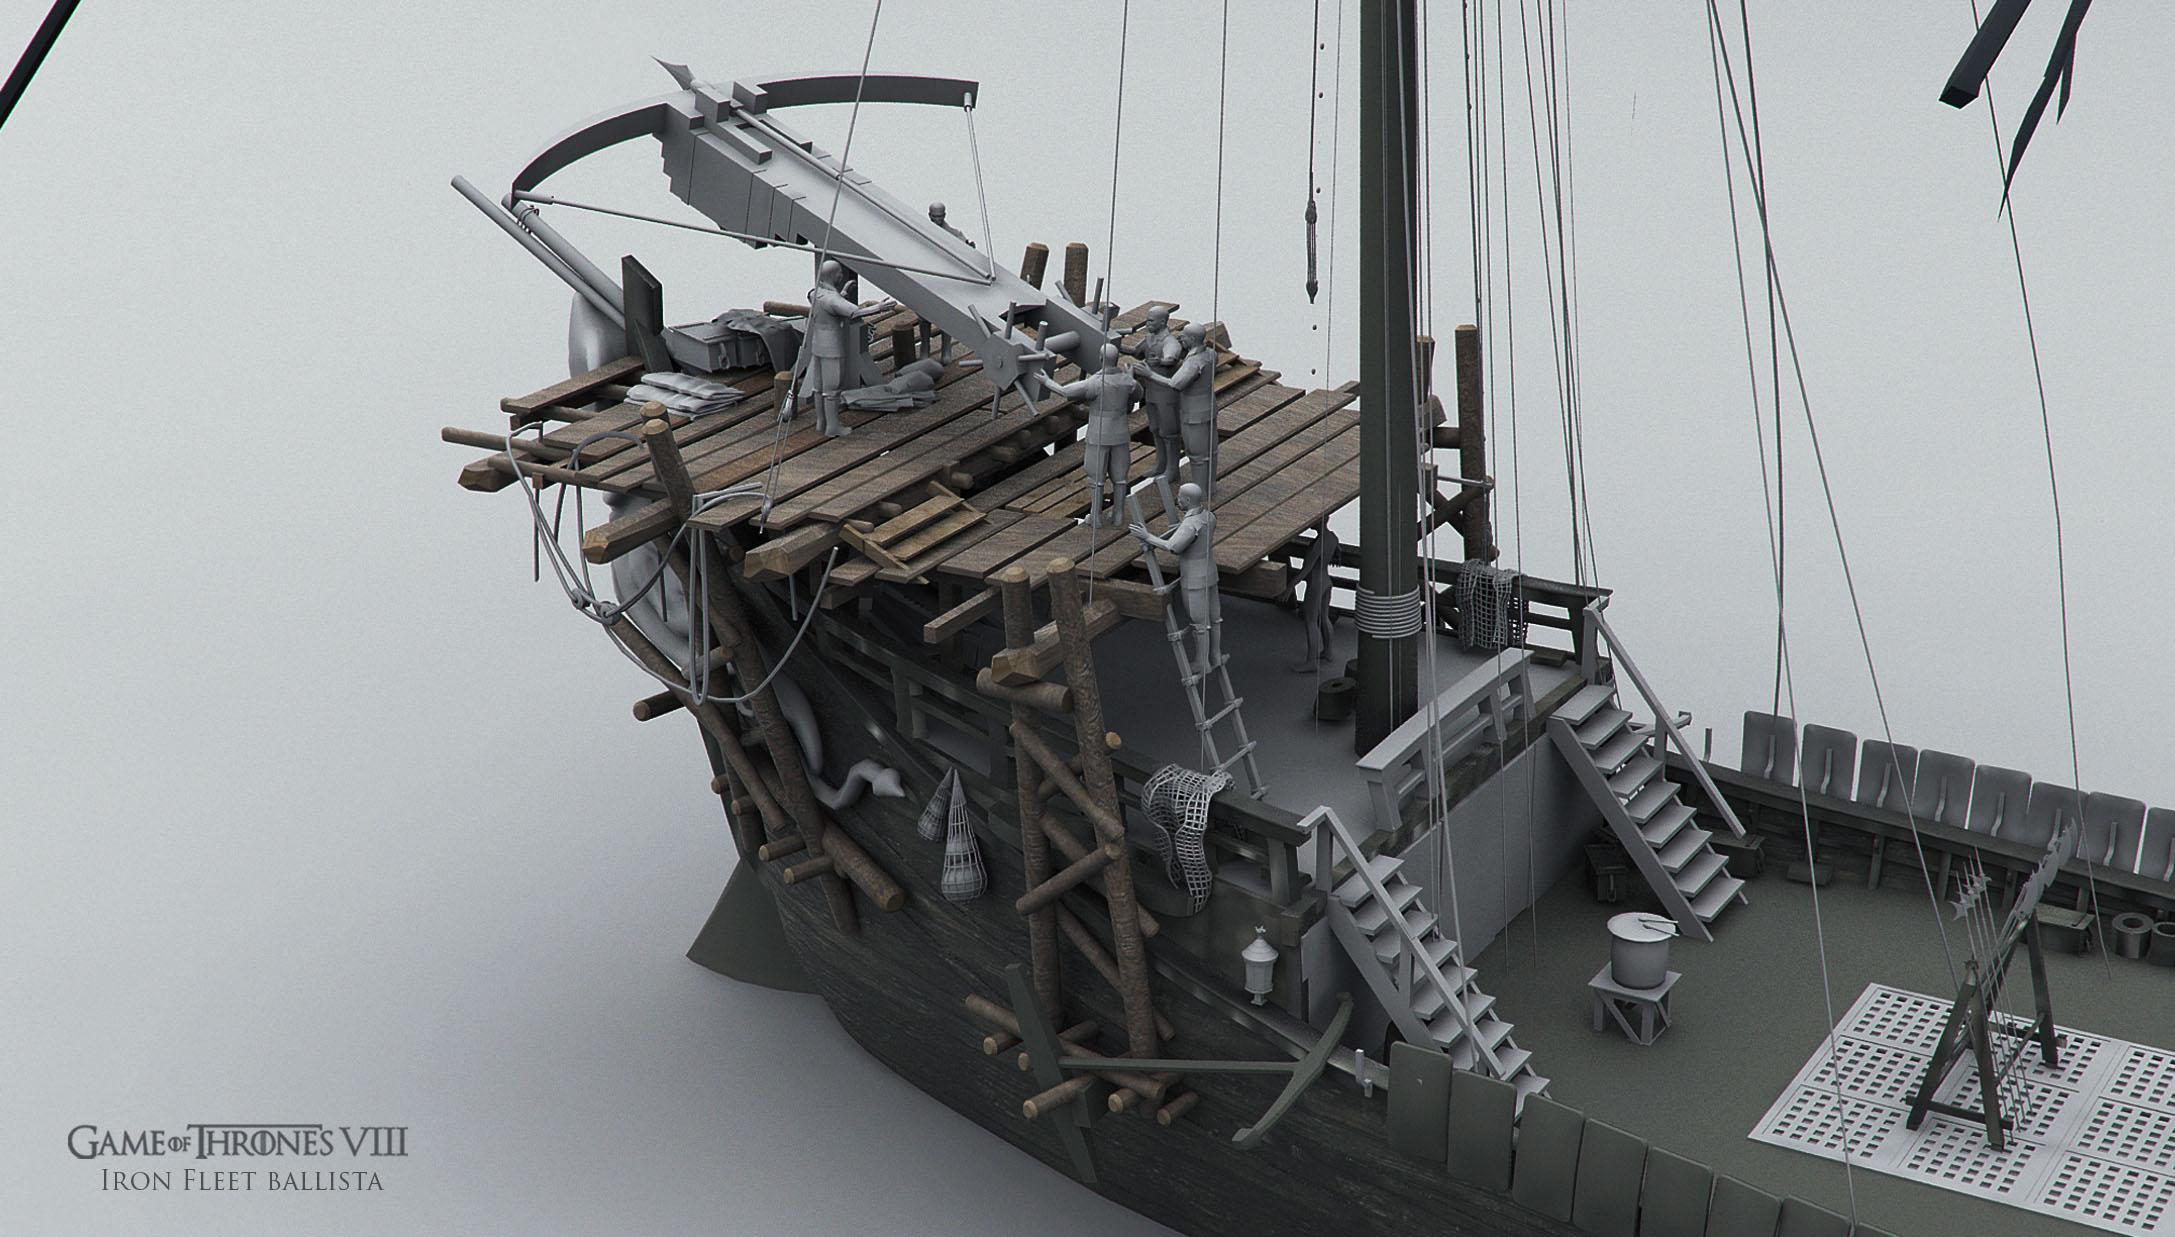 GOT8_Iron Fleet_Ballista_001.JPG